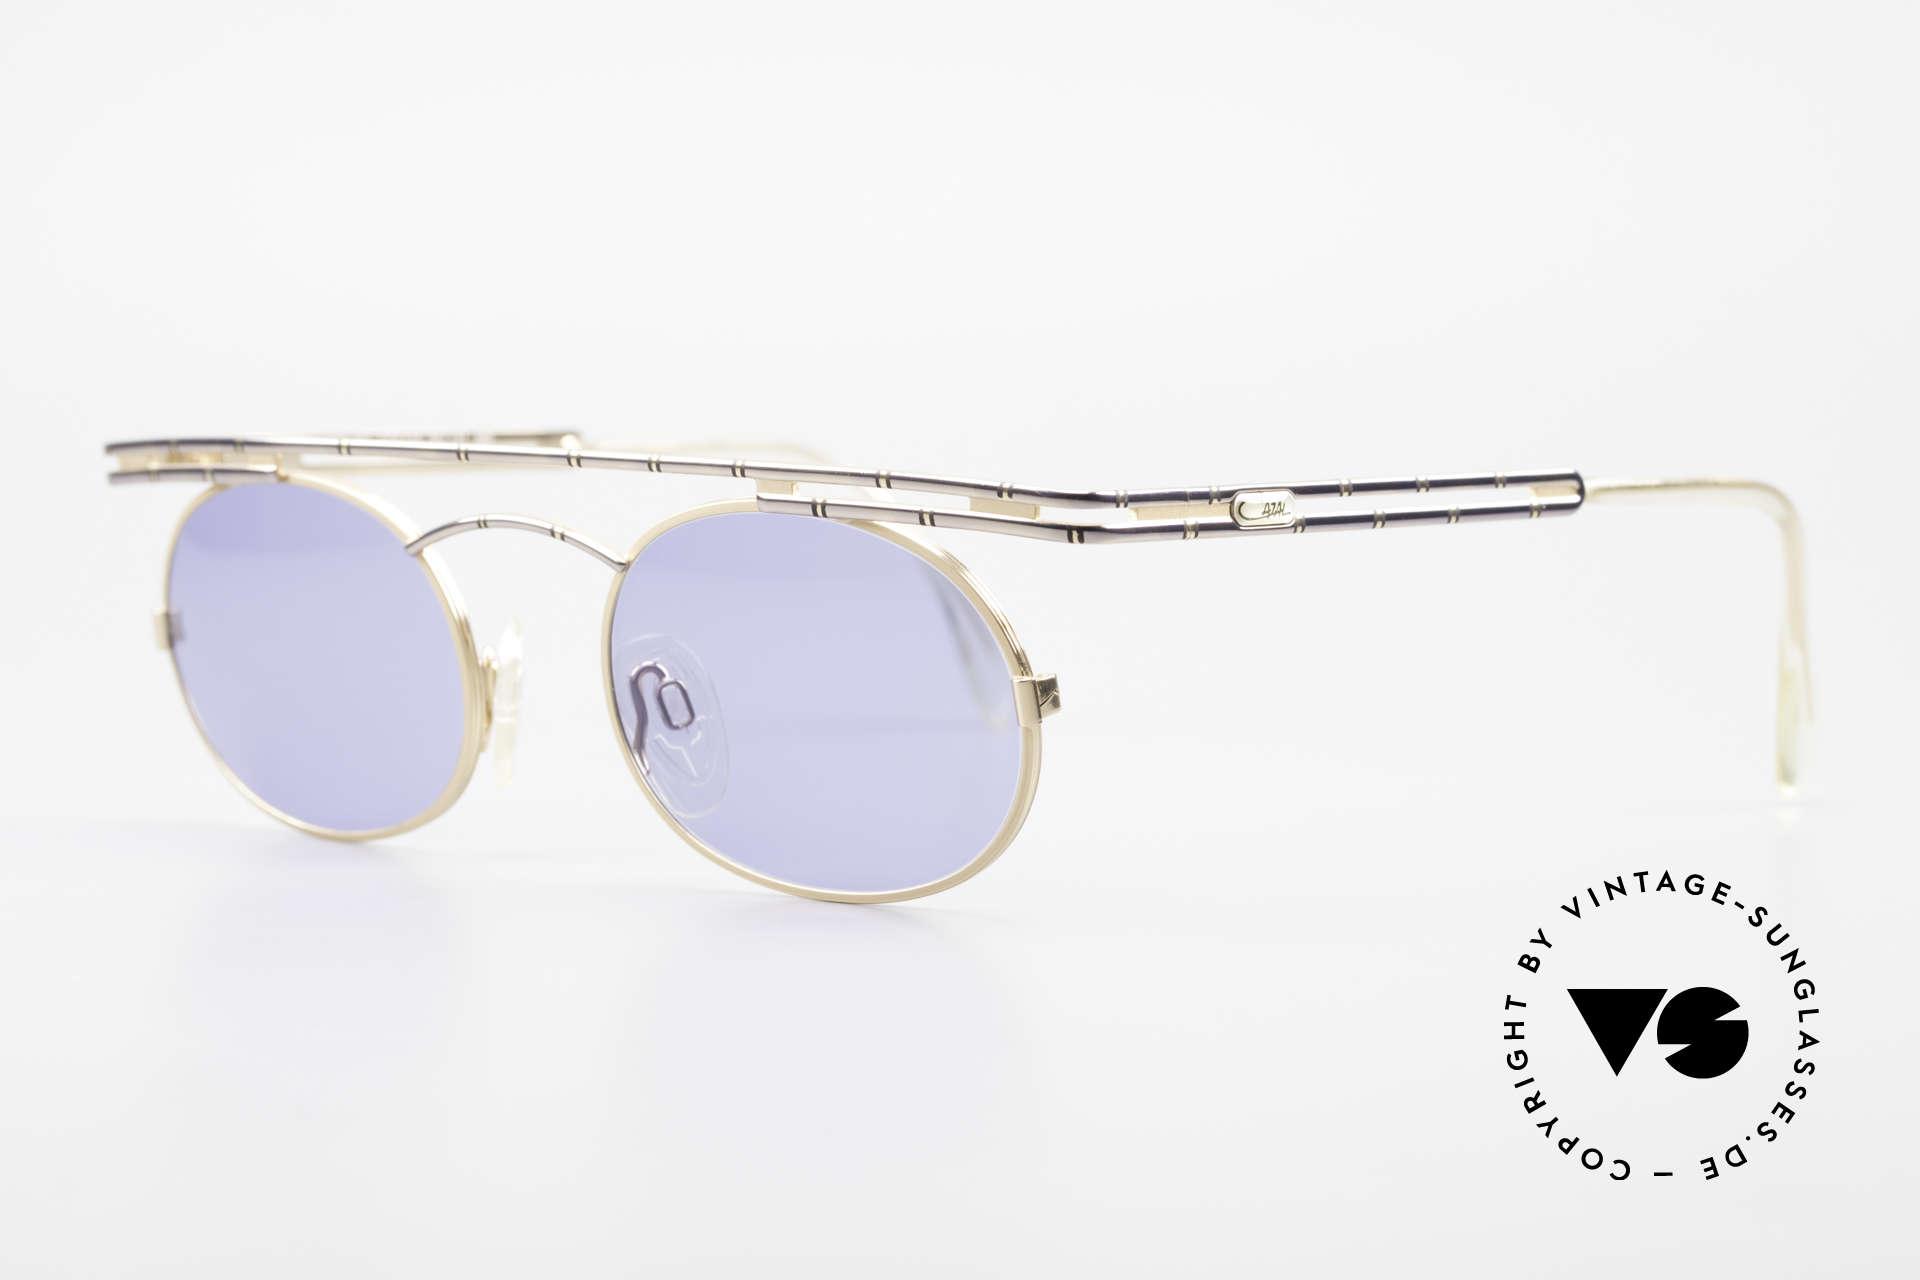 Cazal 761 Alte 90er Original Sonnenbrille, beste Verarbeitungsqualität 'made in Germany', Passend für Herren und Damen